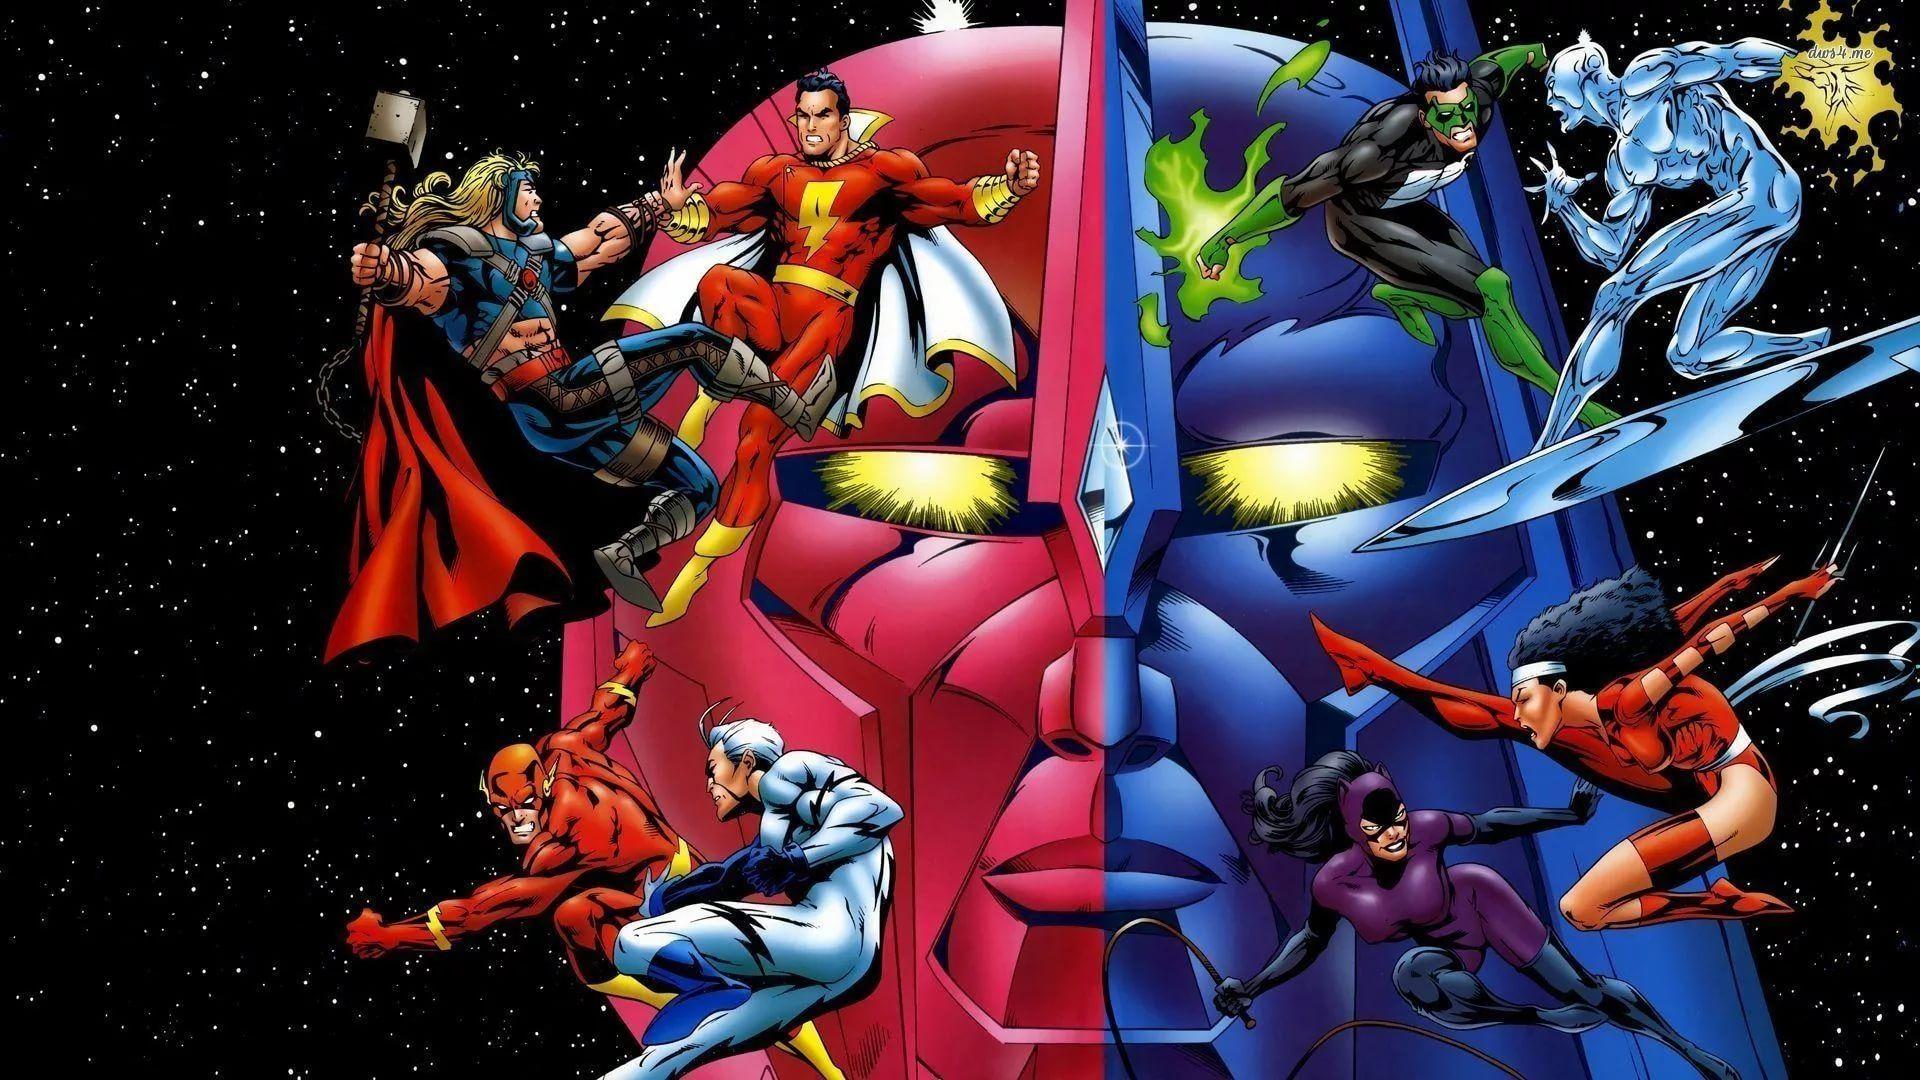 Comic Book desktop wallpaper download